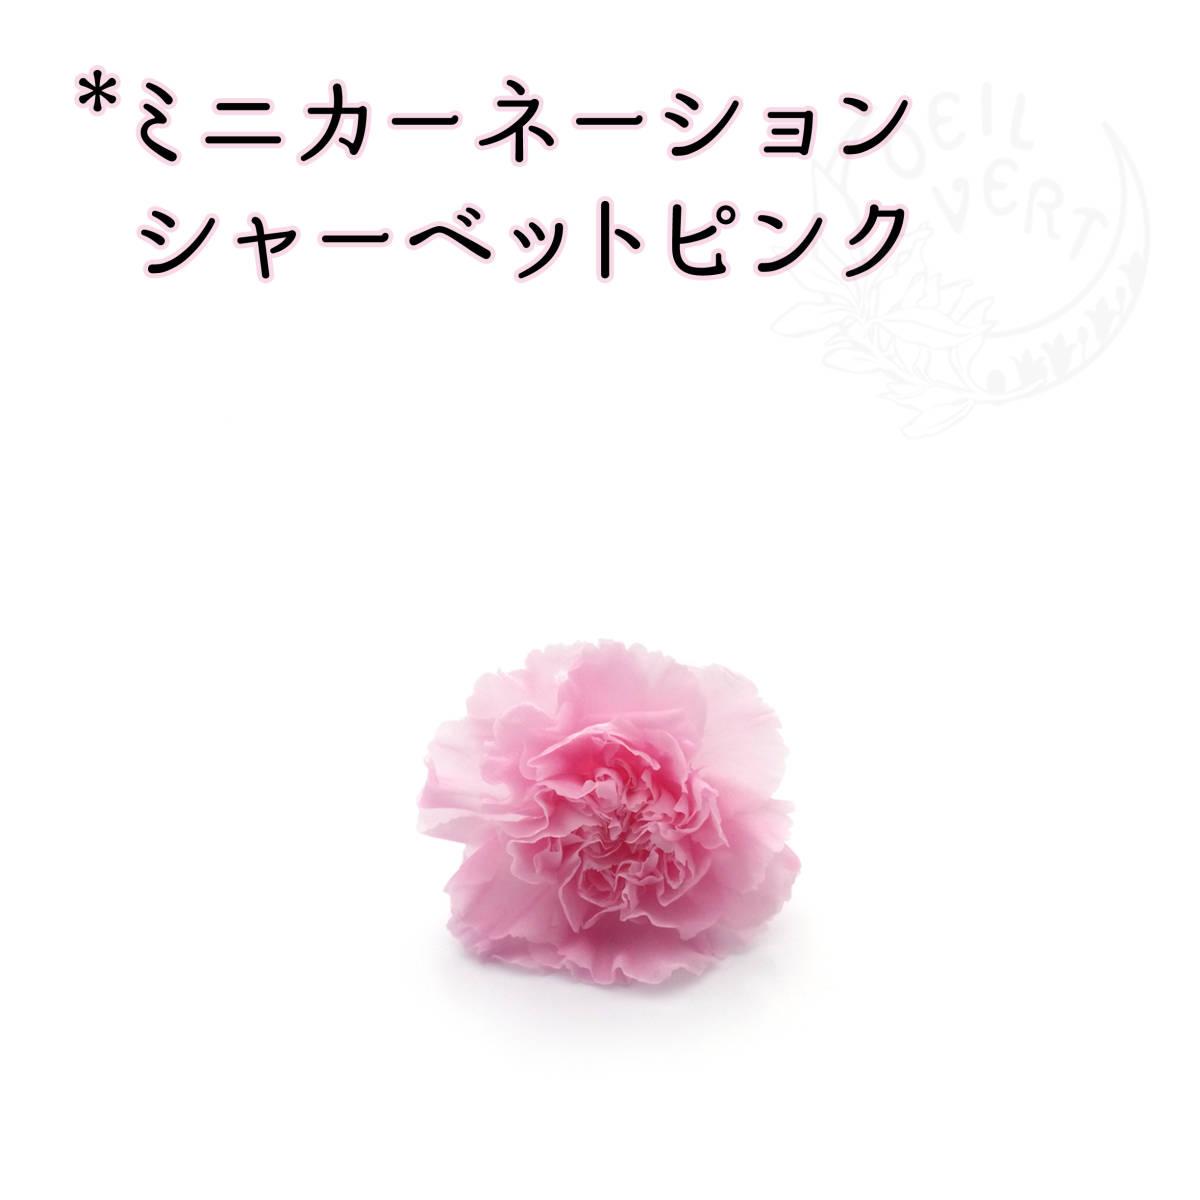 ミニカーネーション シャーベットピンク 1輪_画像1